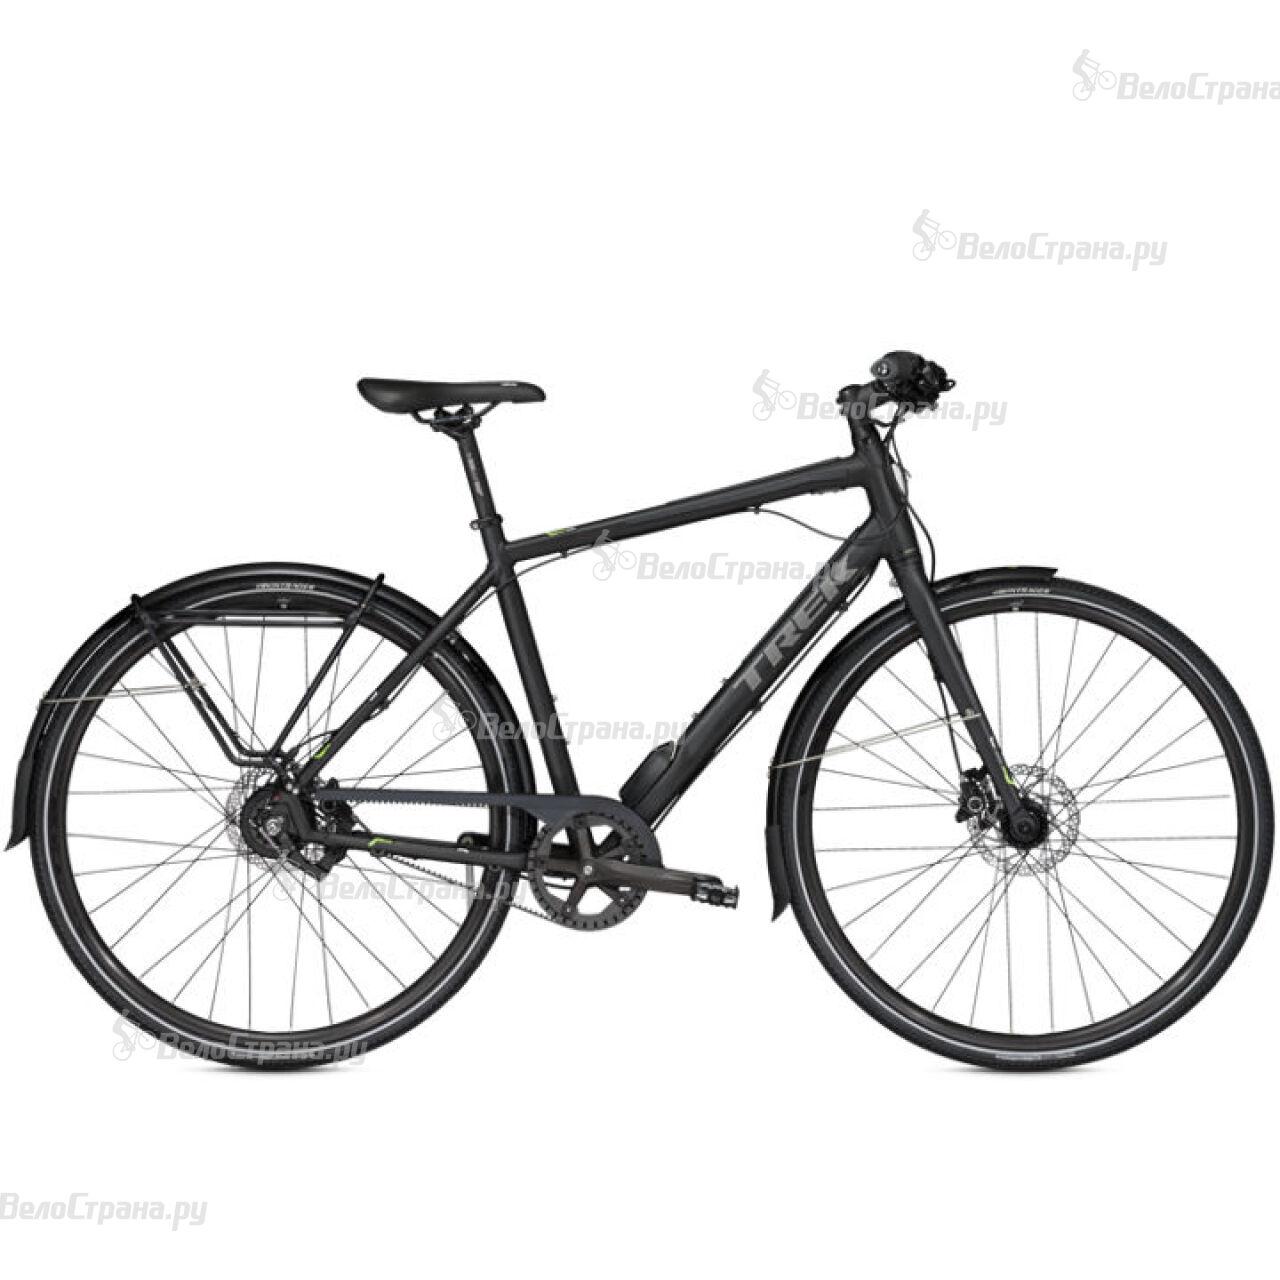 Велосипед Trek Lync 5 (2017) цена и фото